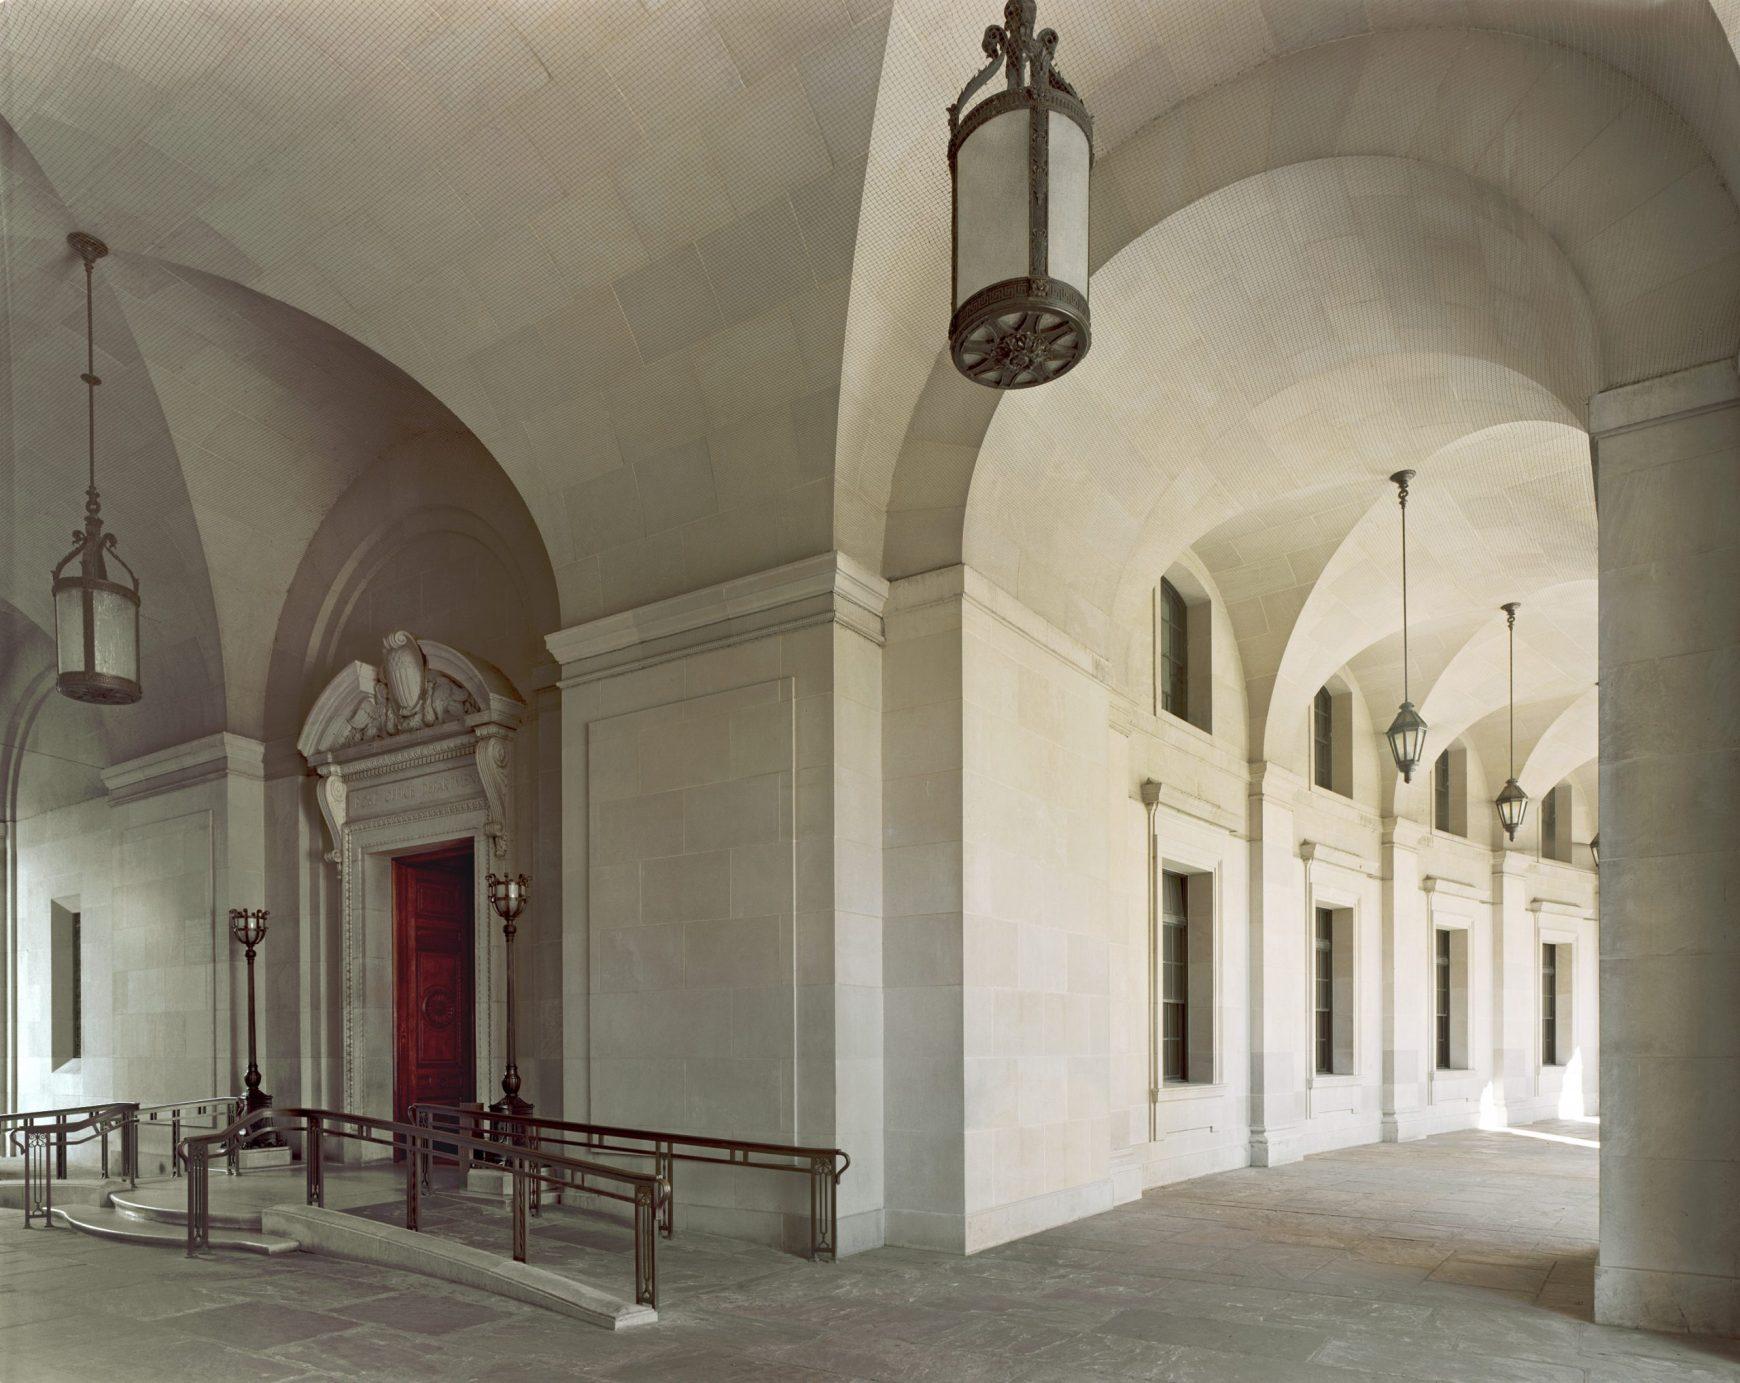 Ariel Rios Federal Building